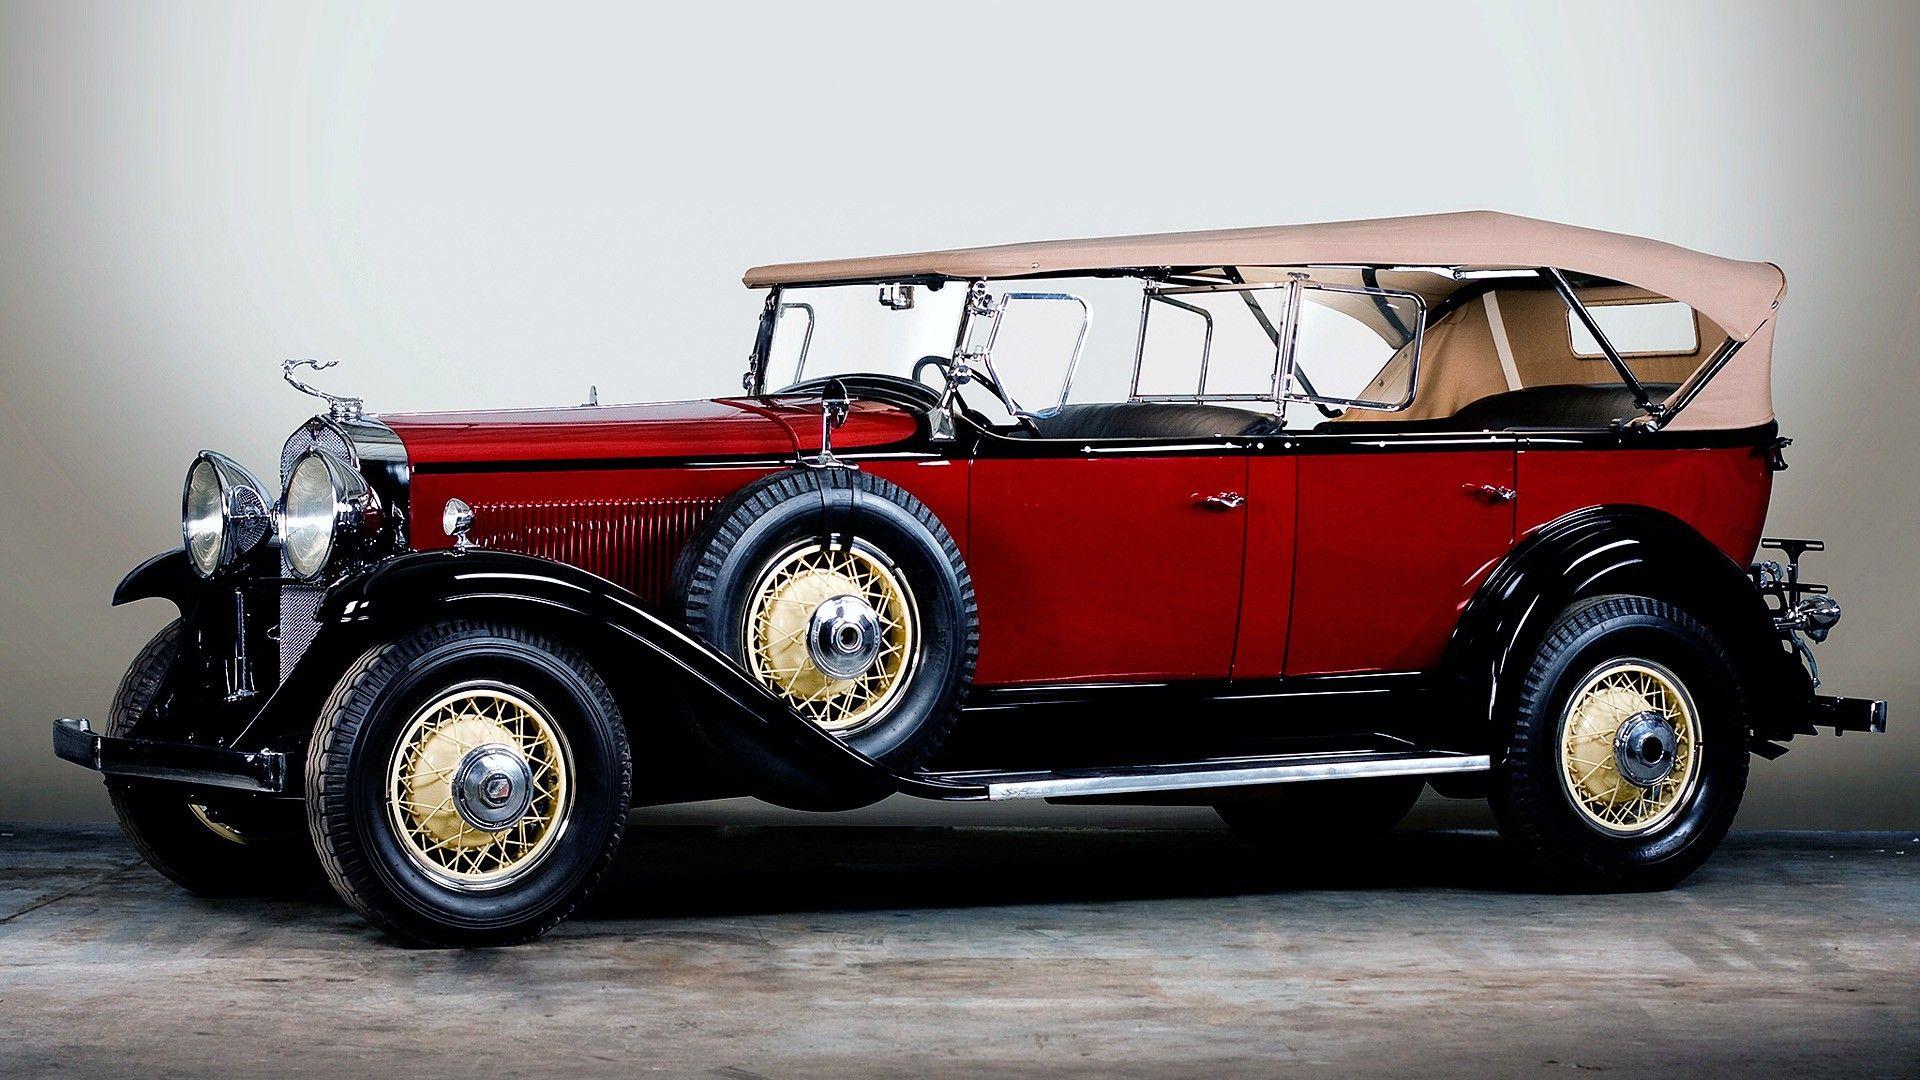 Classic Cars Wallpaper Hd Wallpaper Vintage Cars Classic Cars Wallpaper Cars Wallpaper Hd